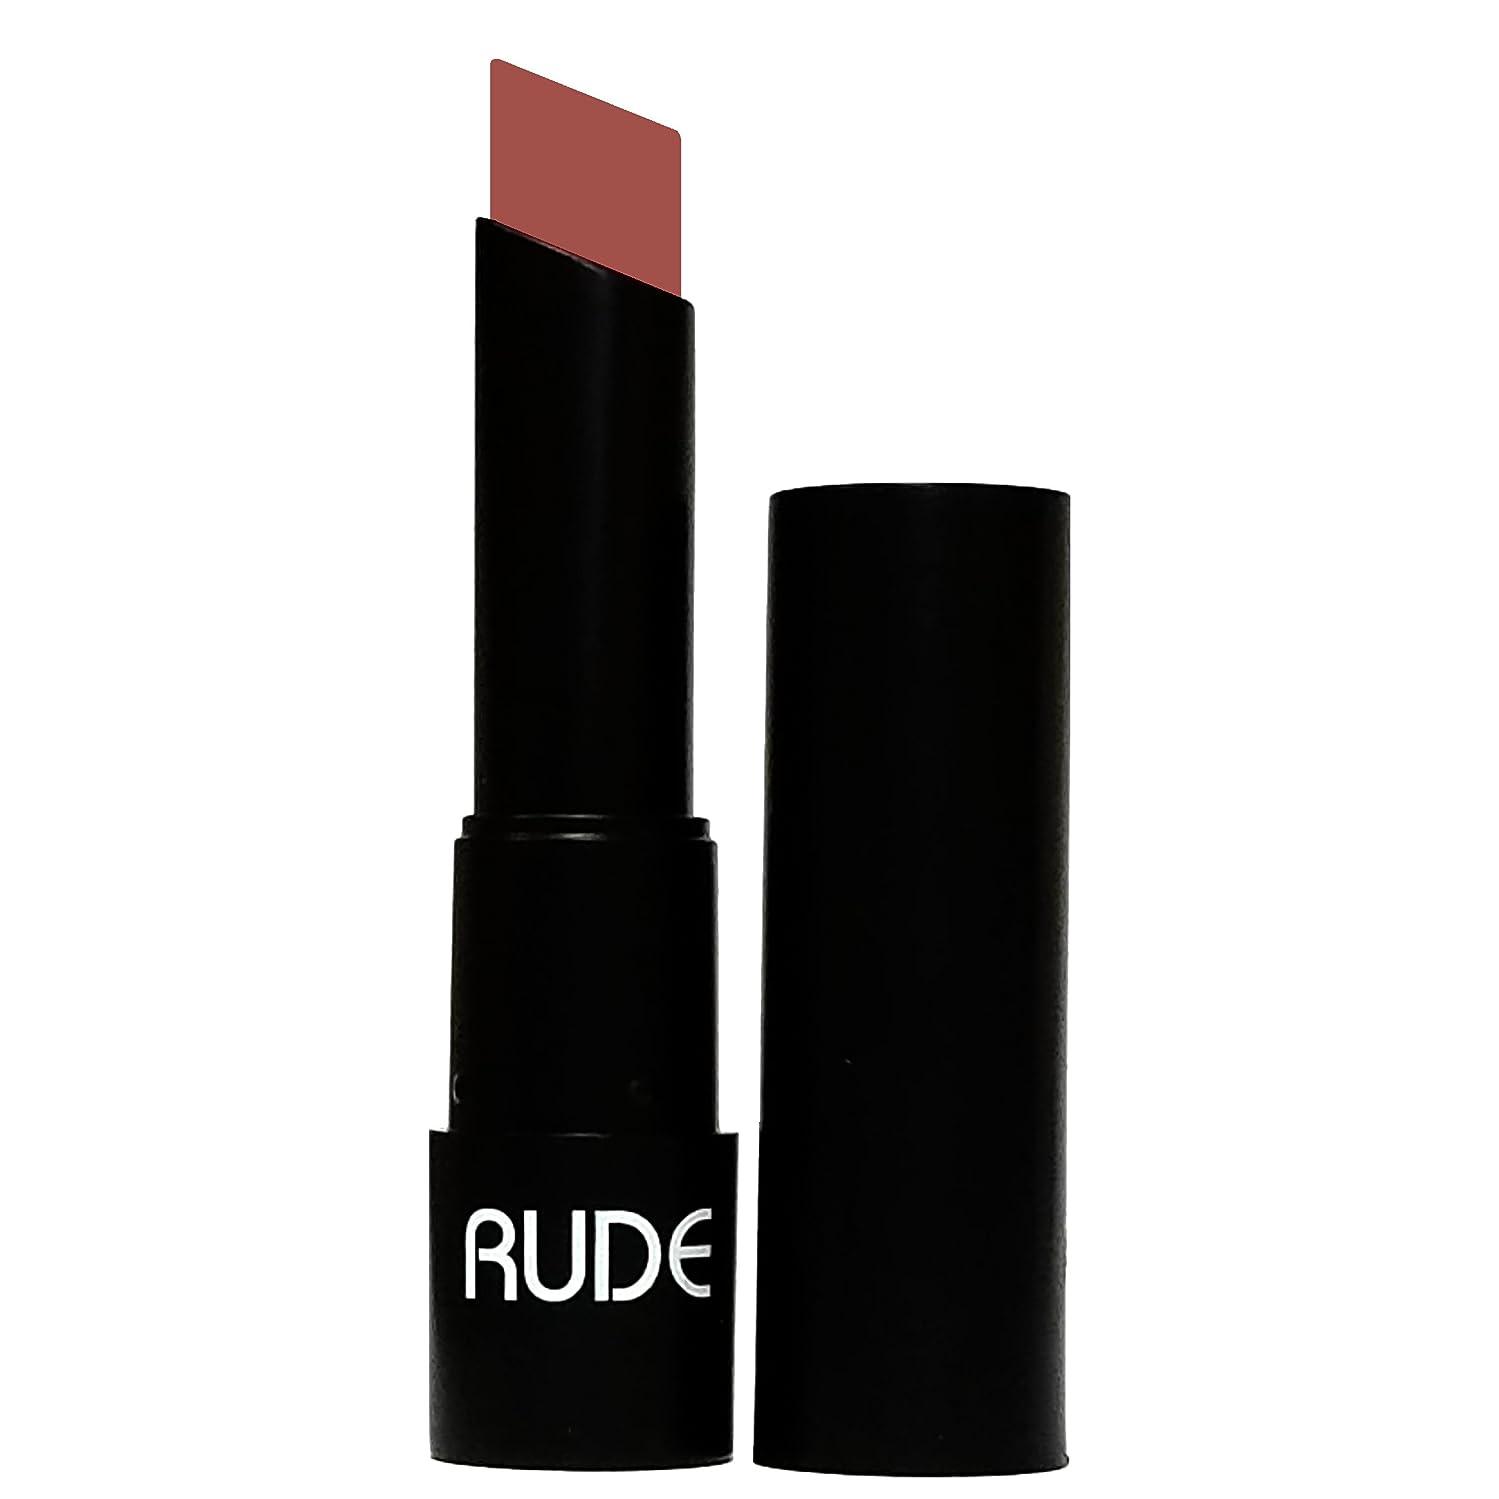 旋律的アルカイック叫ぶ(6 Pack) RUDE Attitude Matte Lipstick - Naughty (並行輸入品)